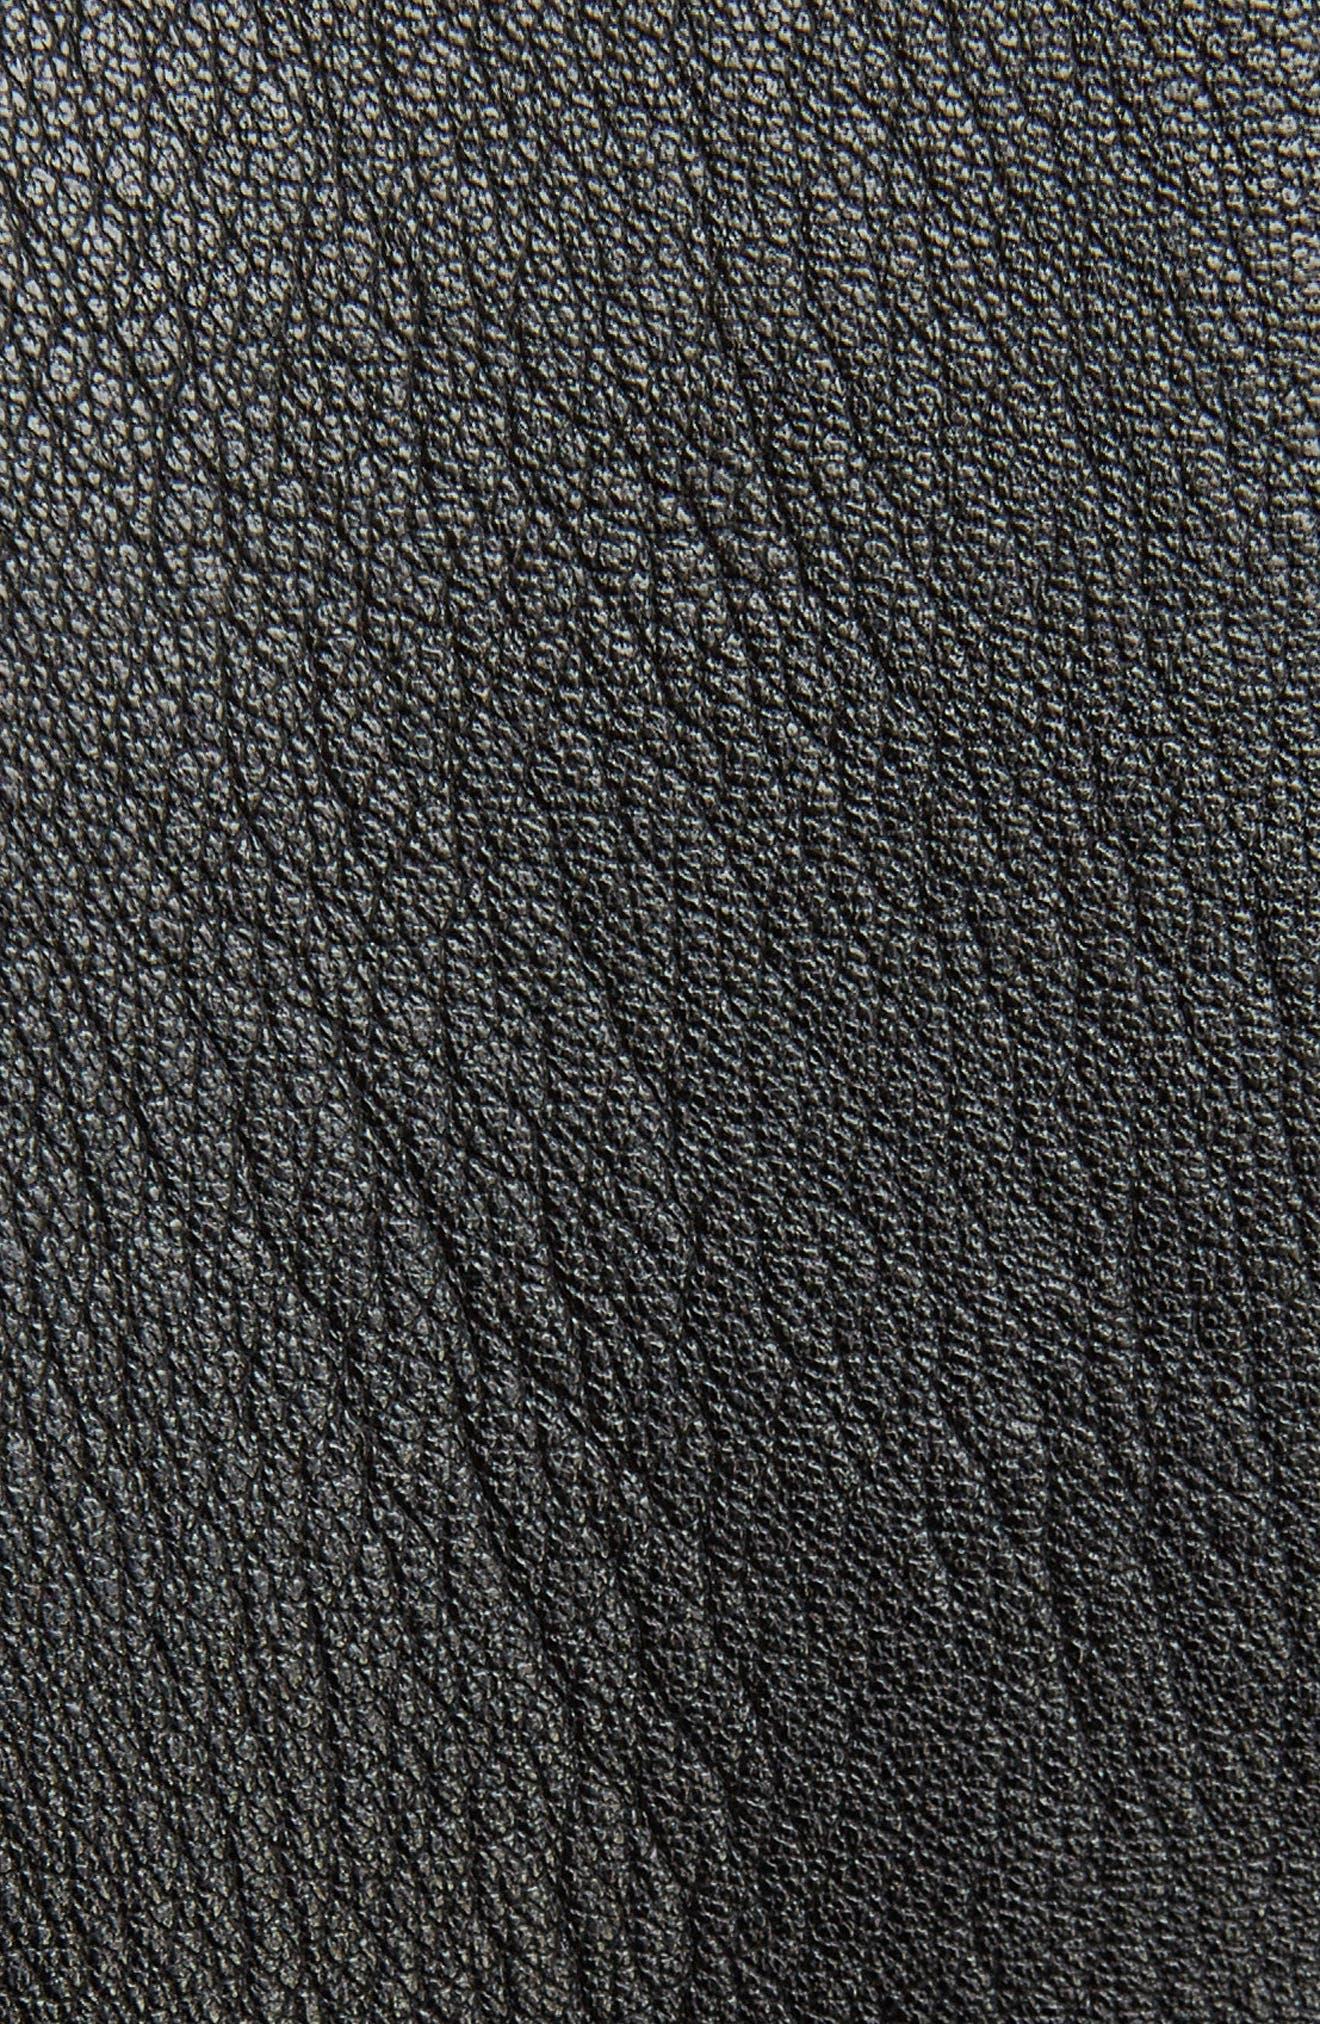 V-Neck Leather Biker Jacket,                             Alternate thumbnail 5, color,                             BLACK